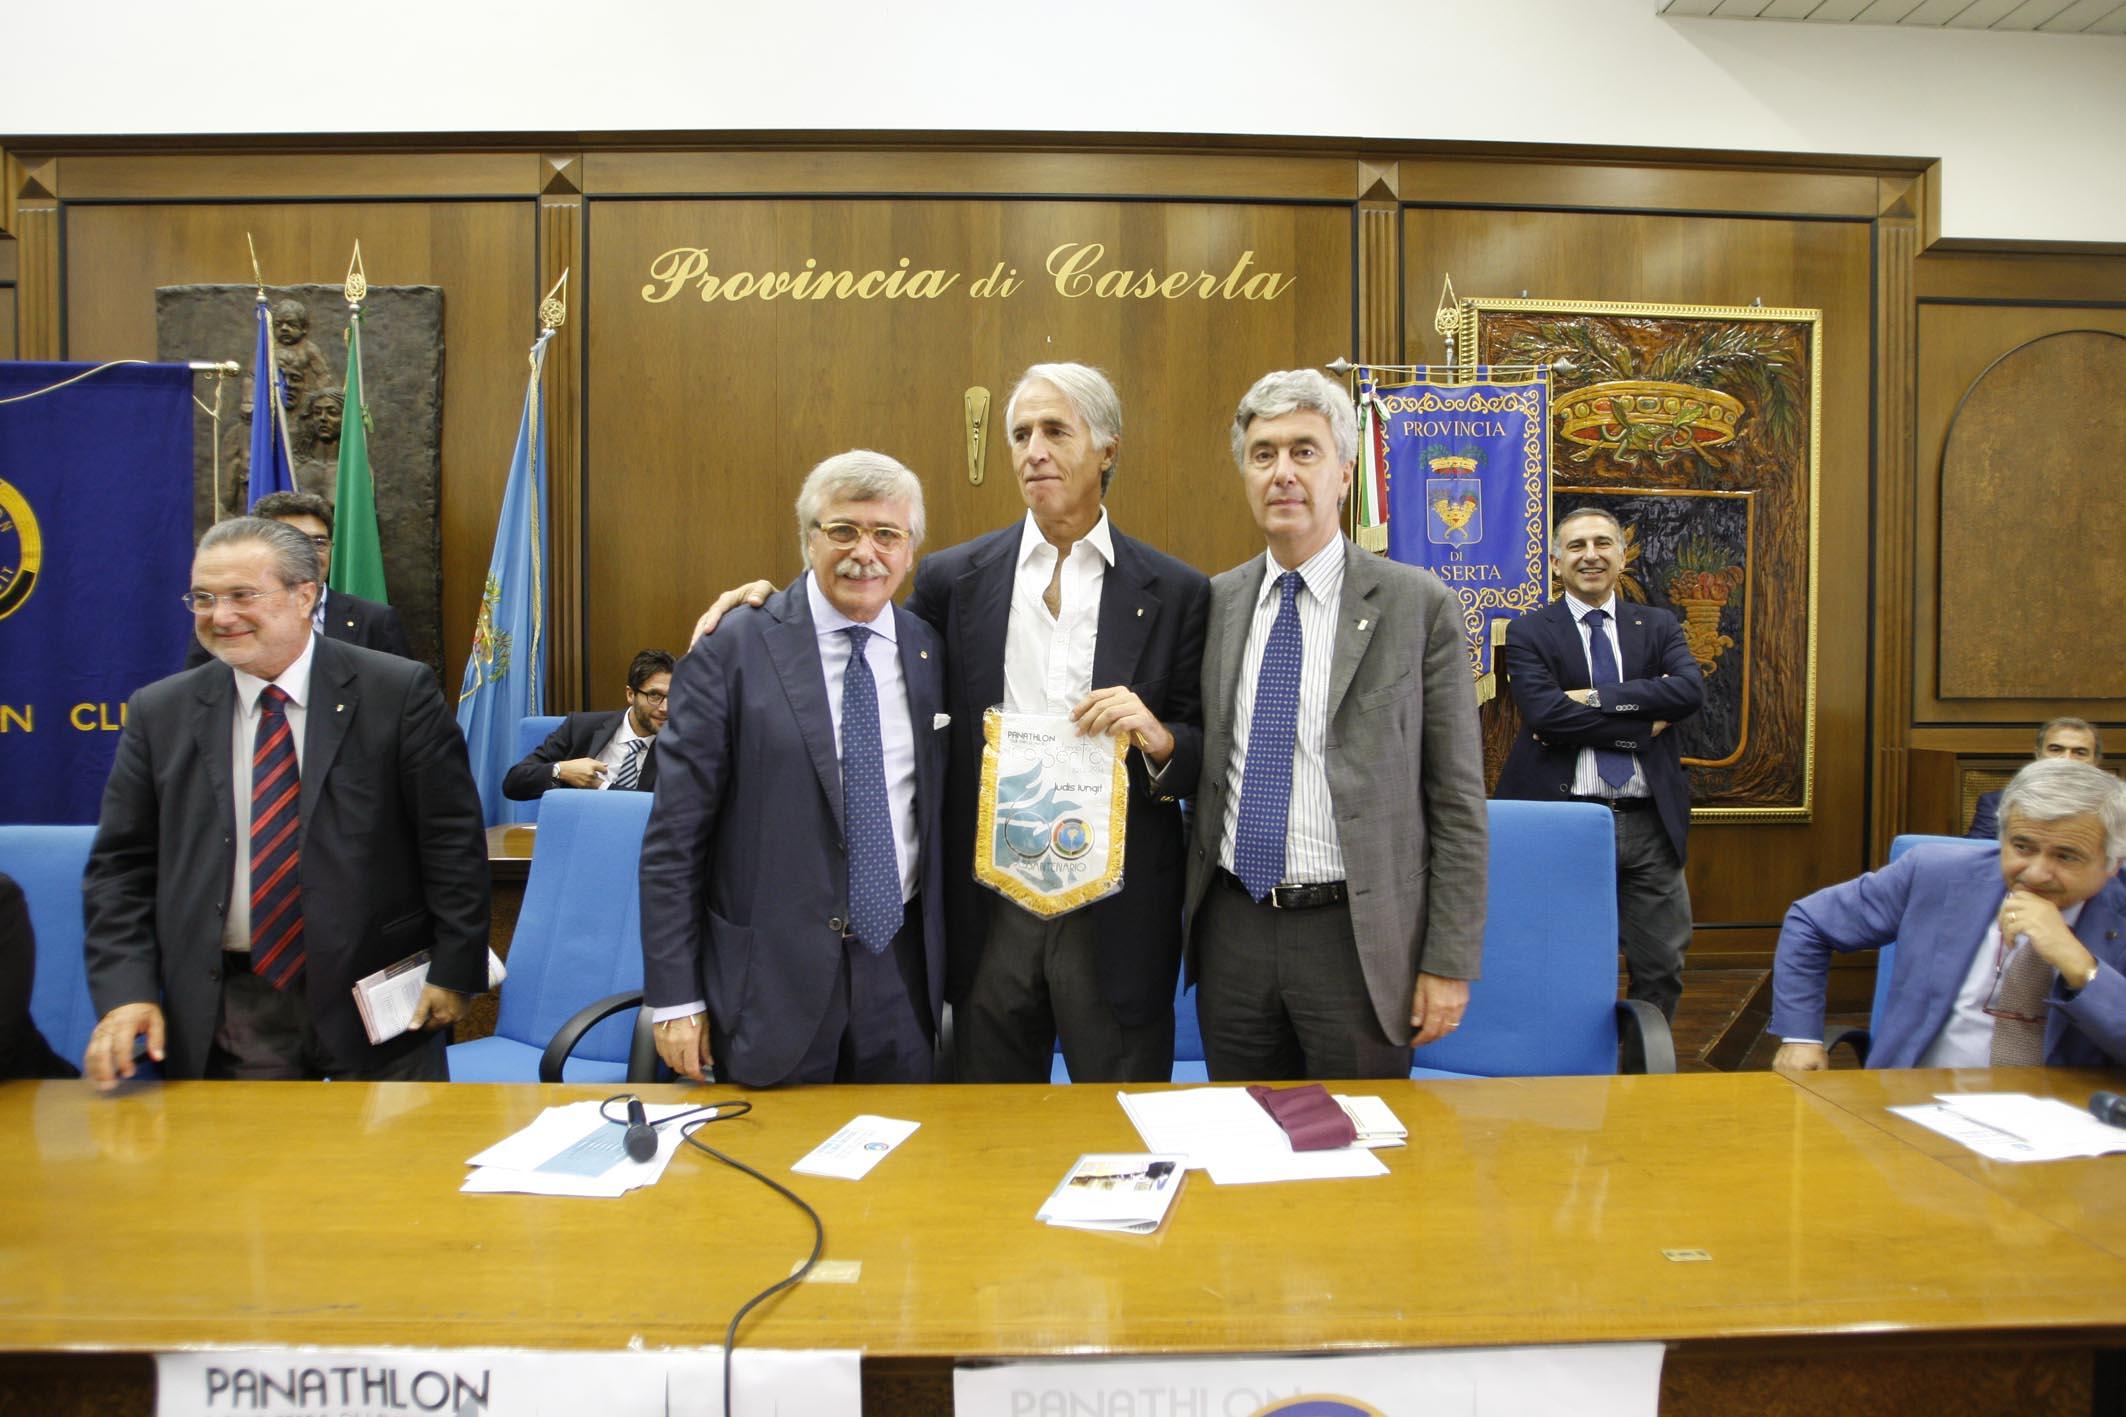 Trofeo_Coni_Giorno2_15